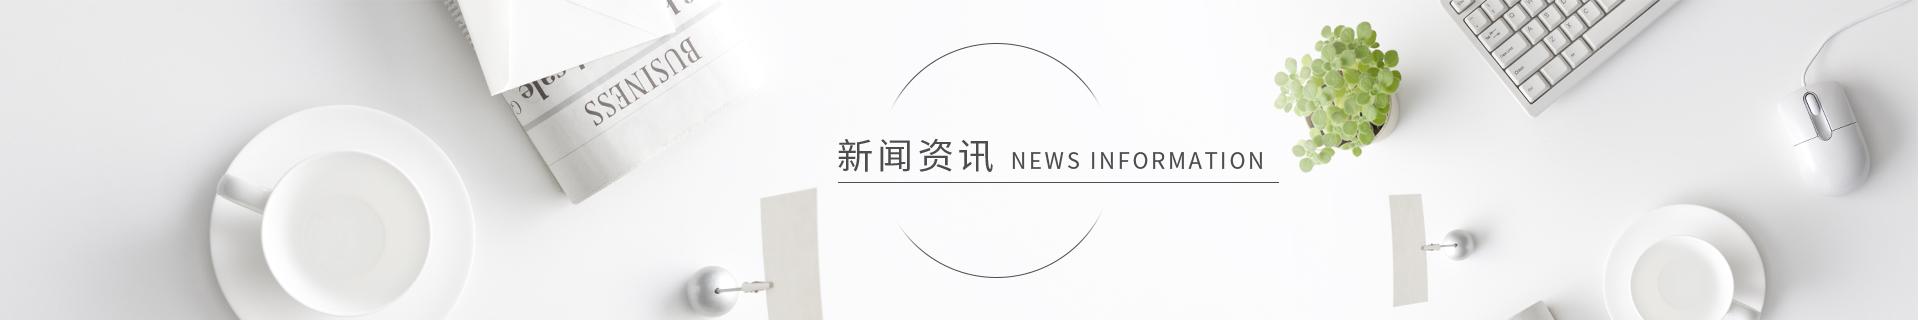 足彩app下载资讯